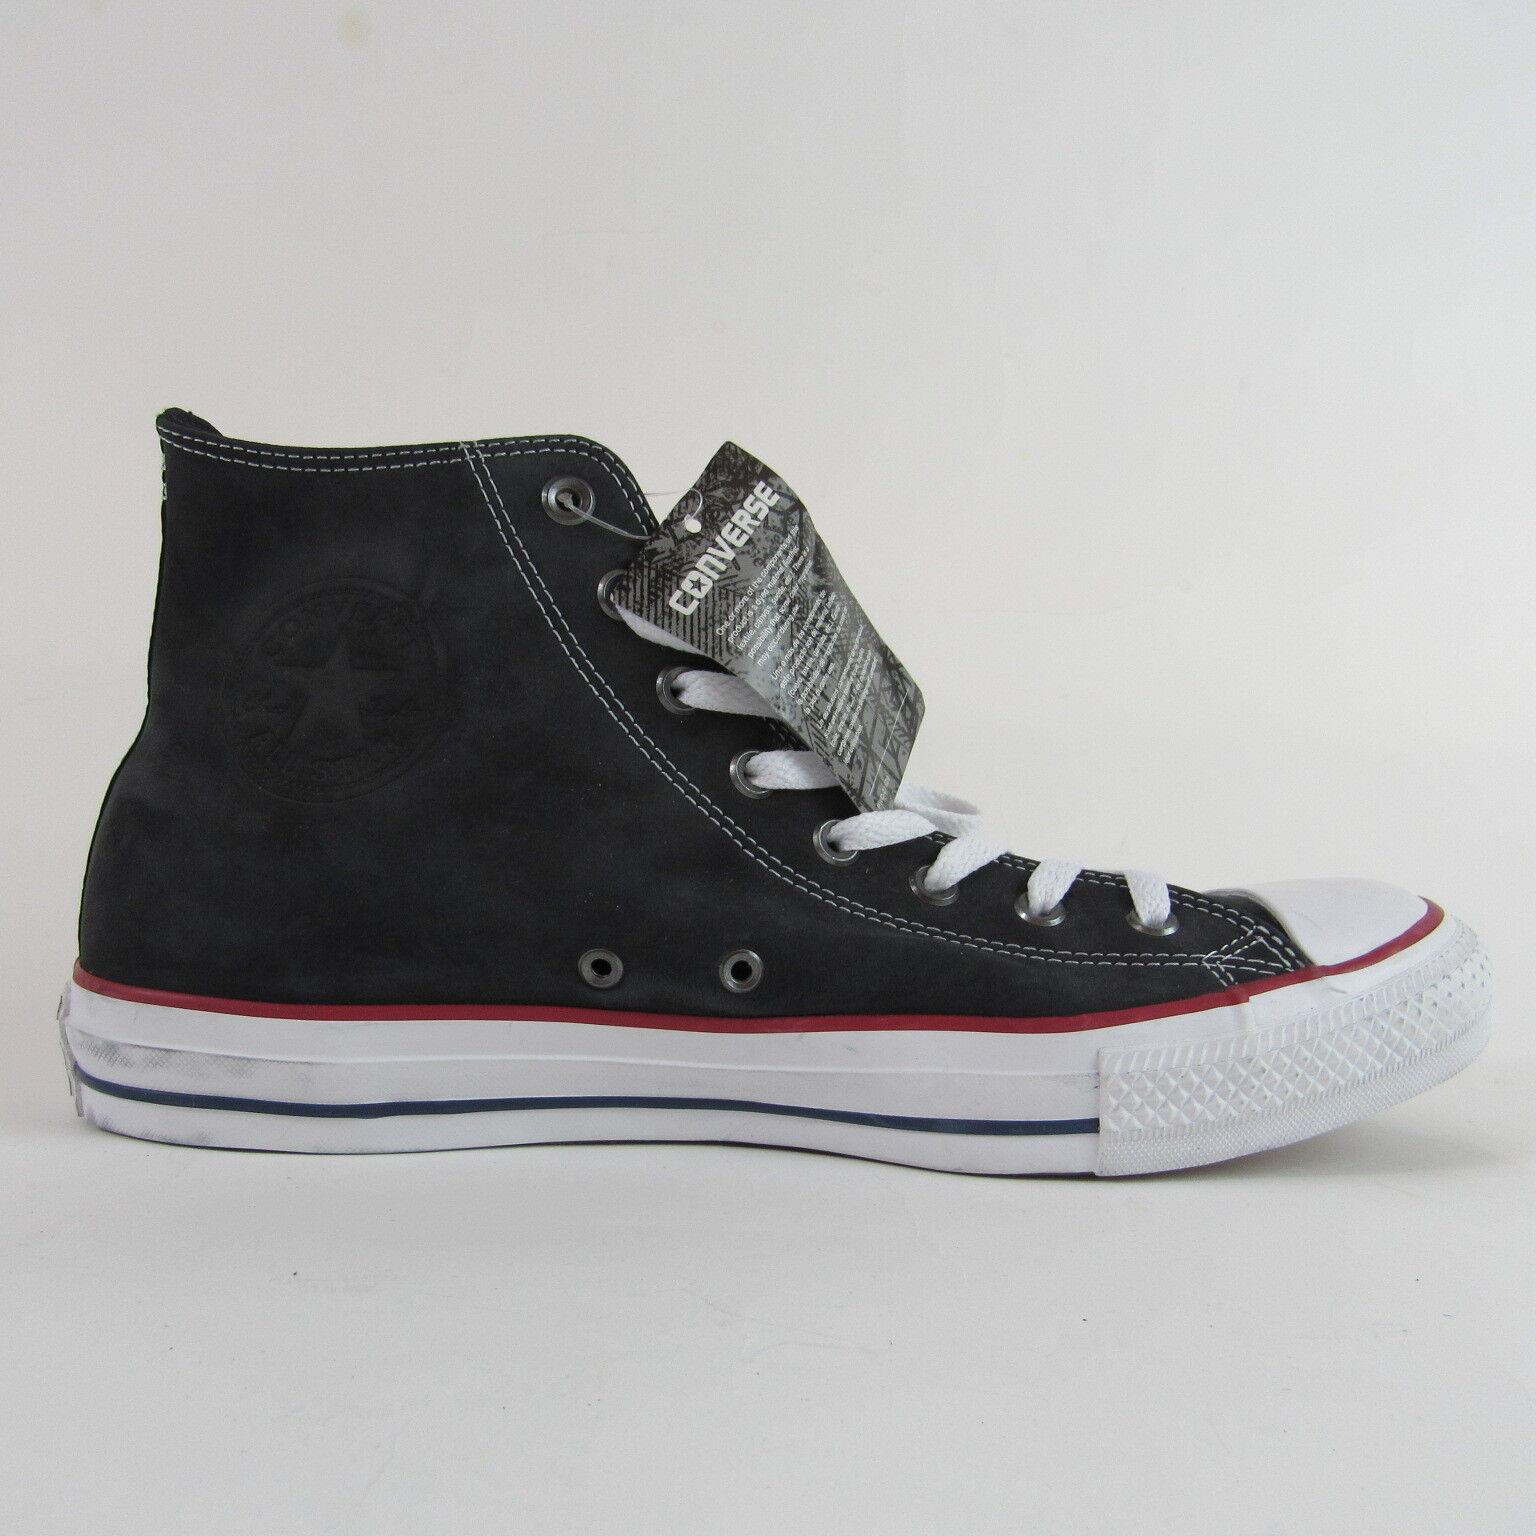 Converse All Star Chuck Taylor Hi Top Top Top Zapatos  hombres 14 Mujeres Cuero Negro Nuevo b454f1